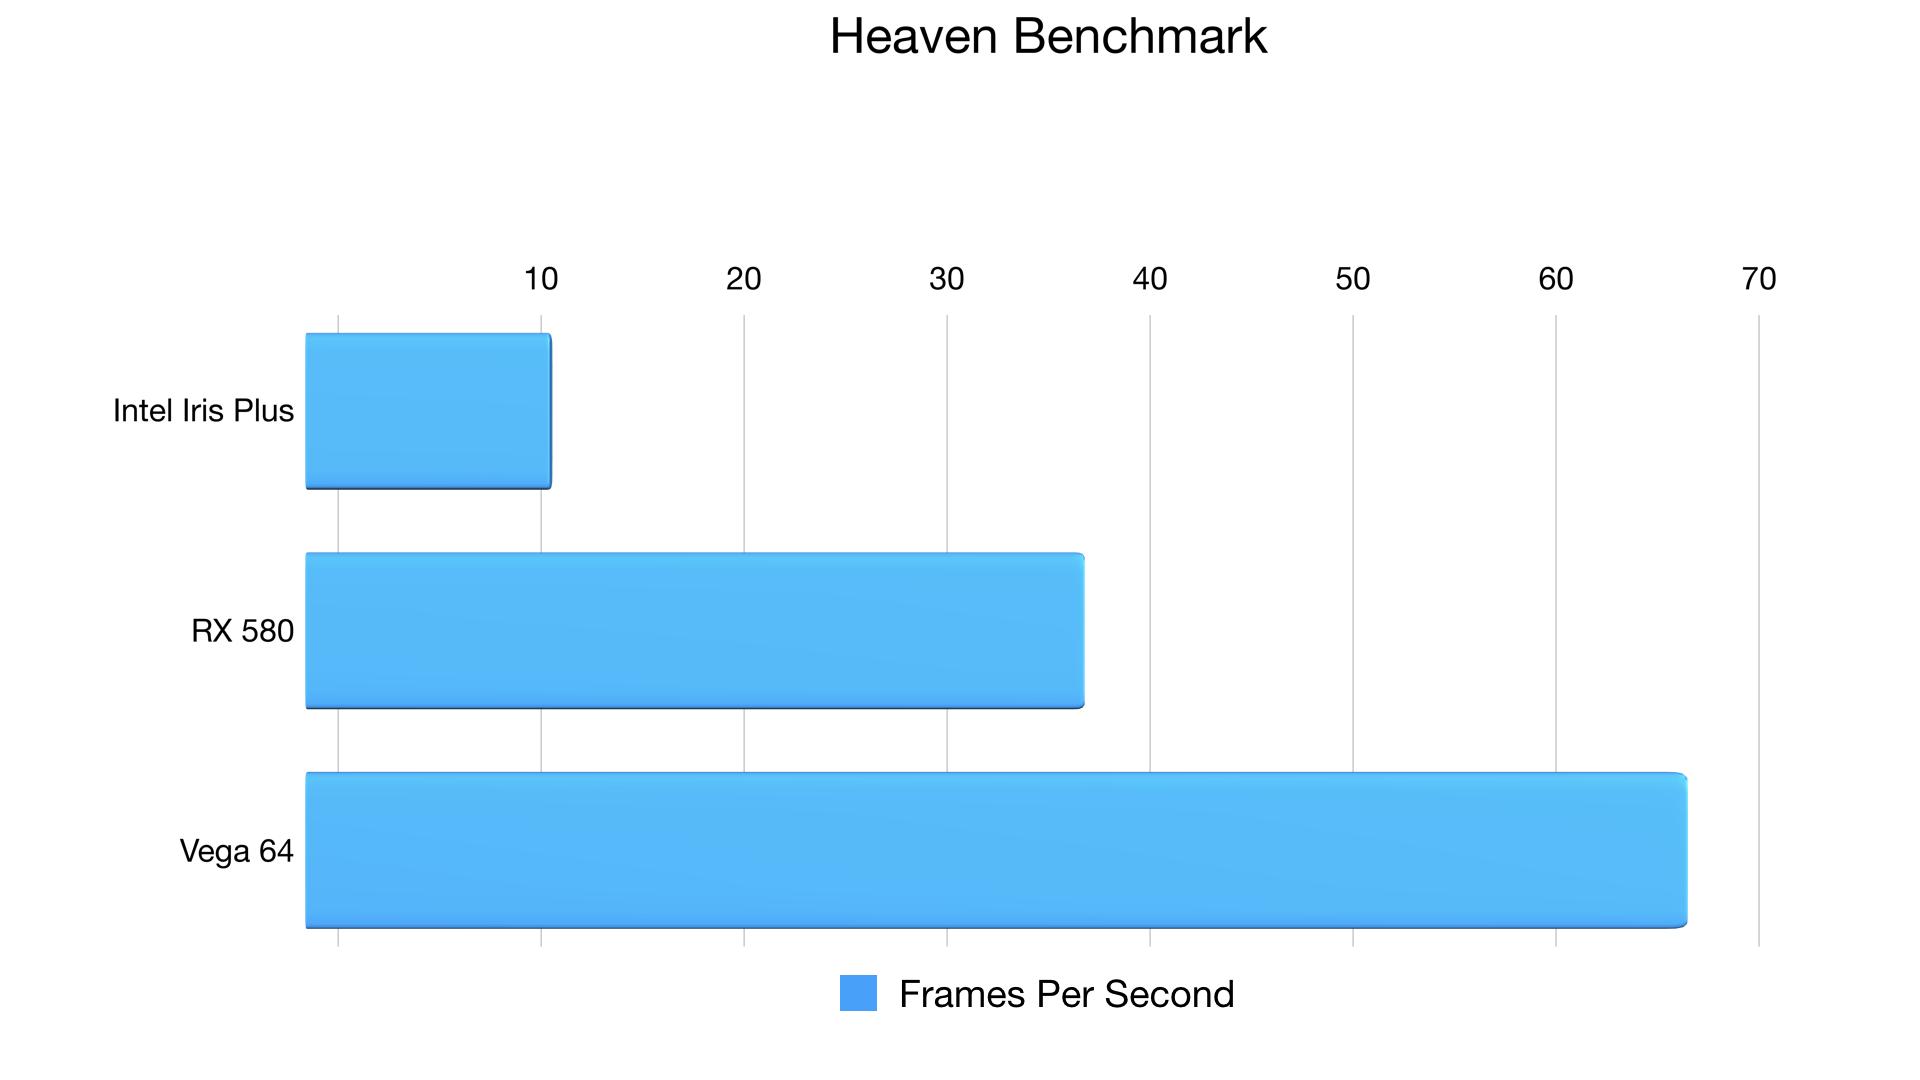 heaven-benchmark-egpu-macos-high-sierra-beta-001.png